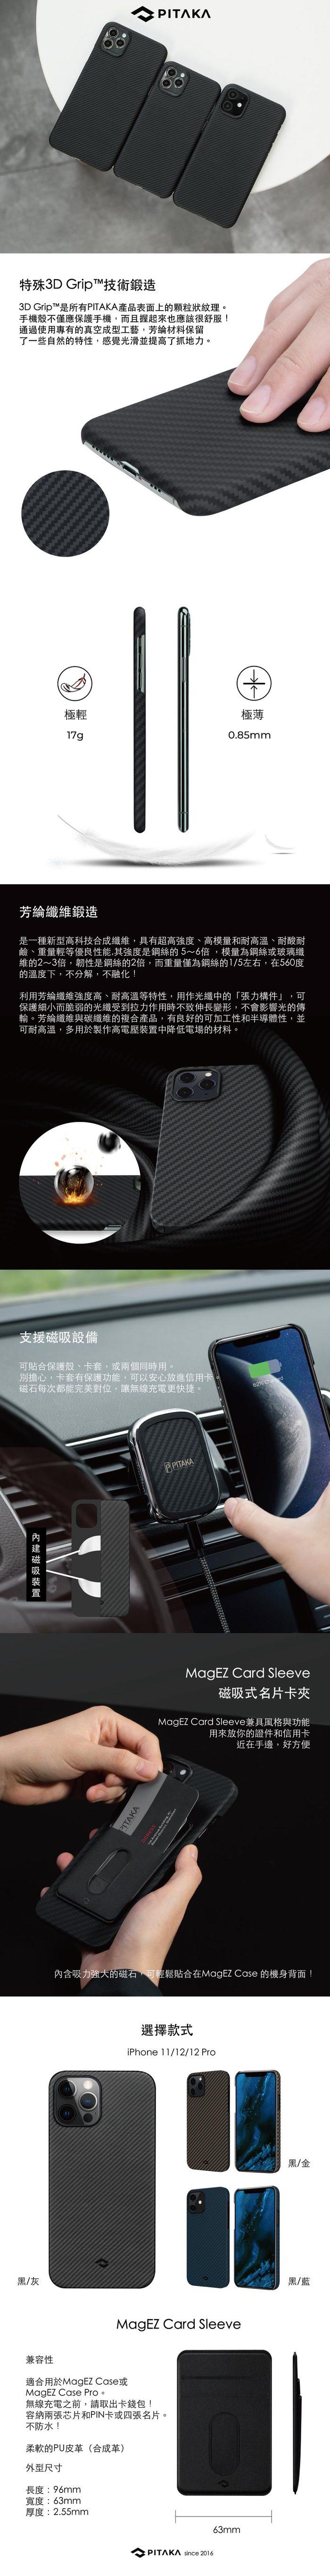 【集購】PITAKA|MagEZ Case iPhone 凱夫拉纖維磁吸手機殼/磁吸名片夾